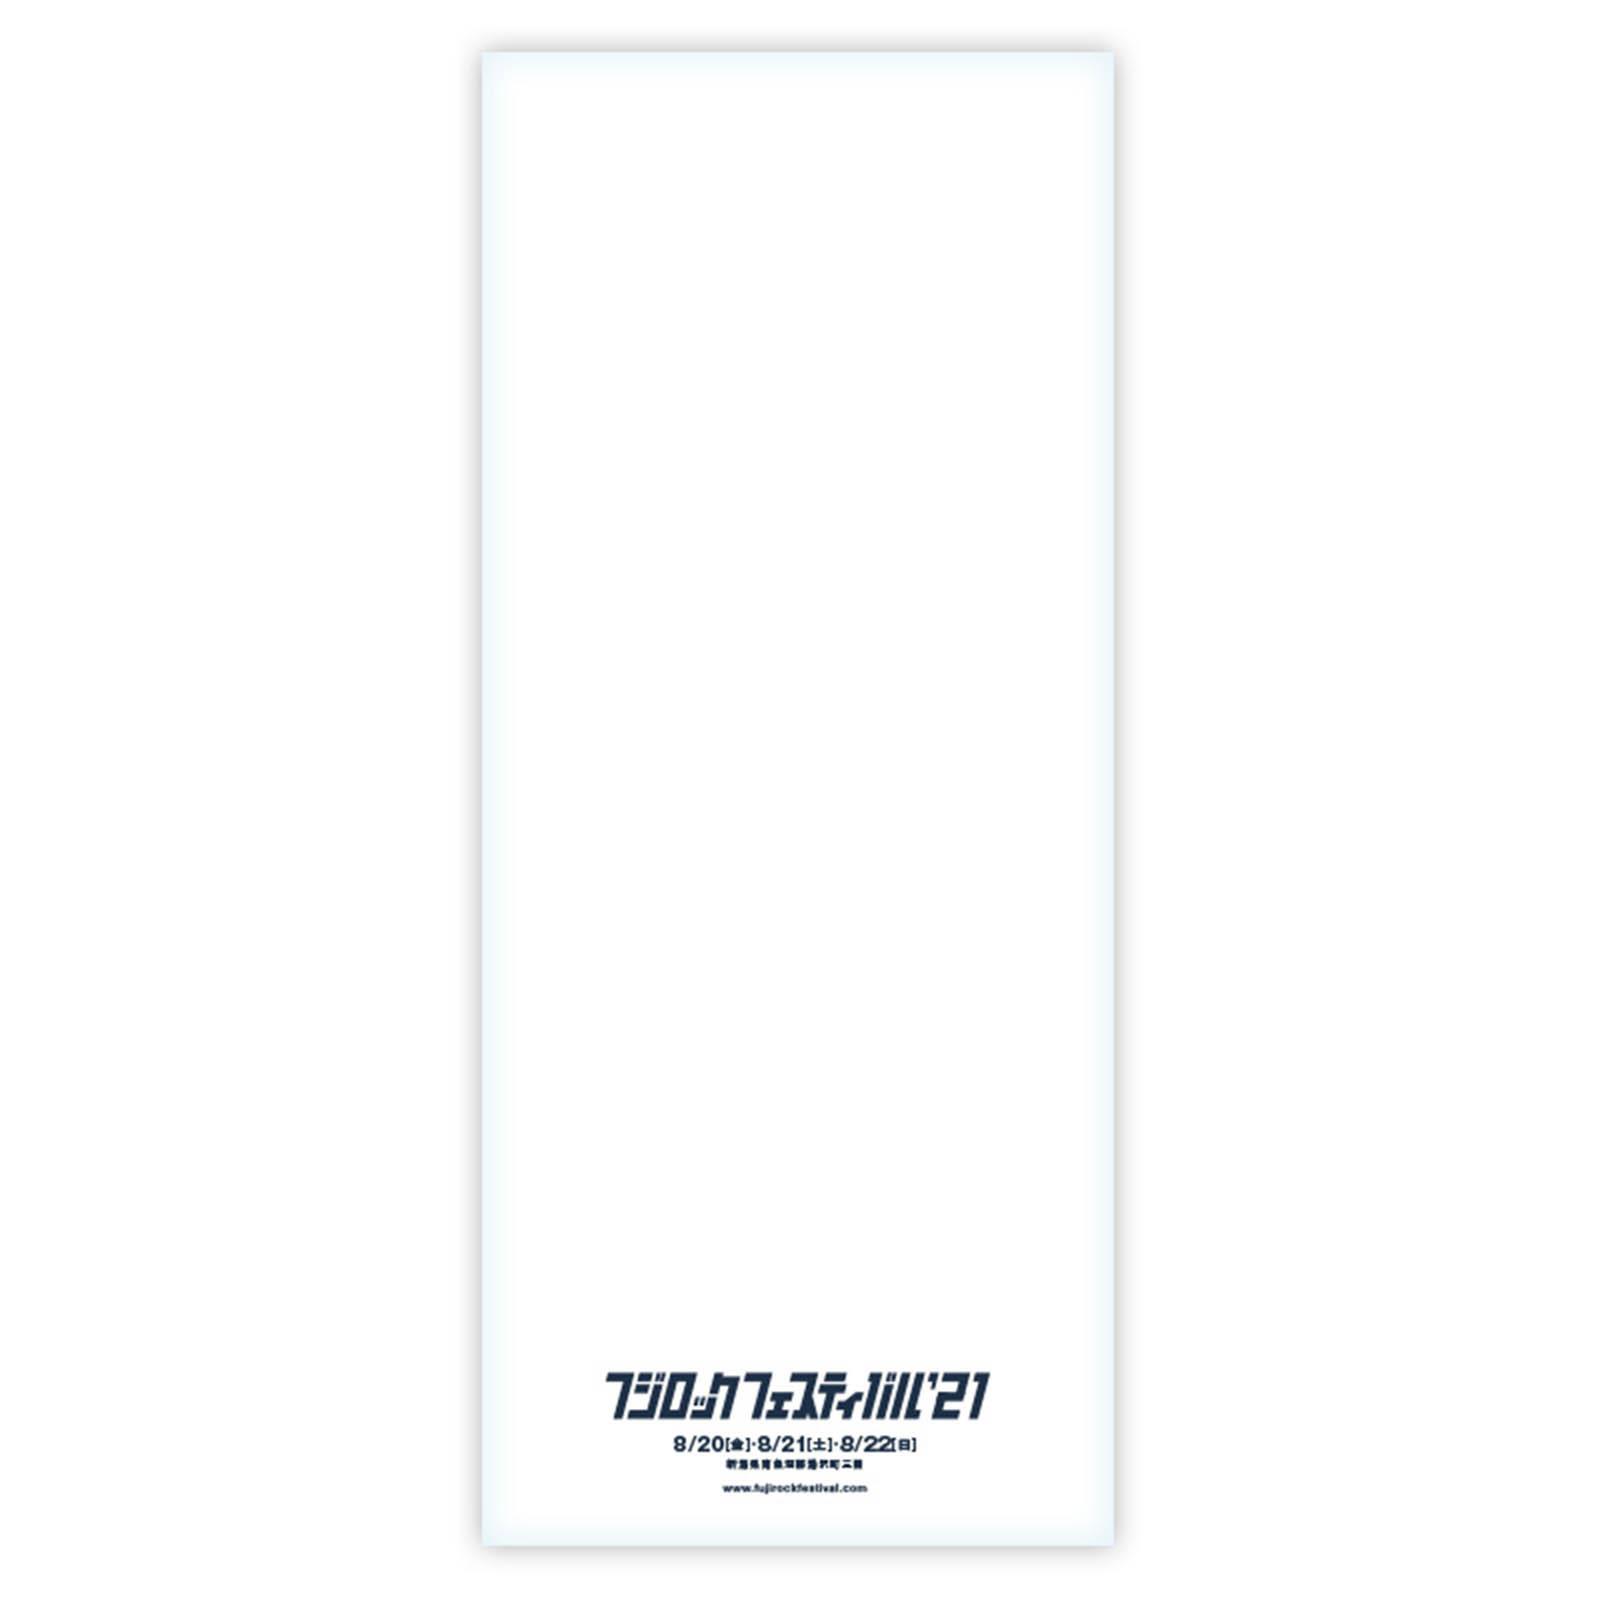 フジロック'21 温泉タオル 550円(税込)